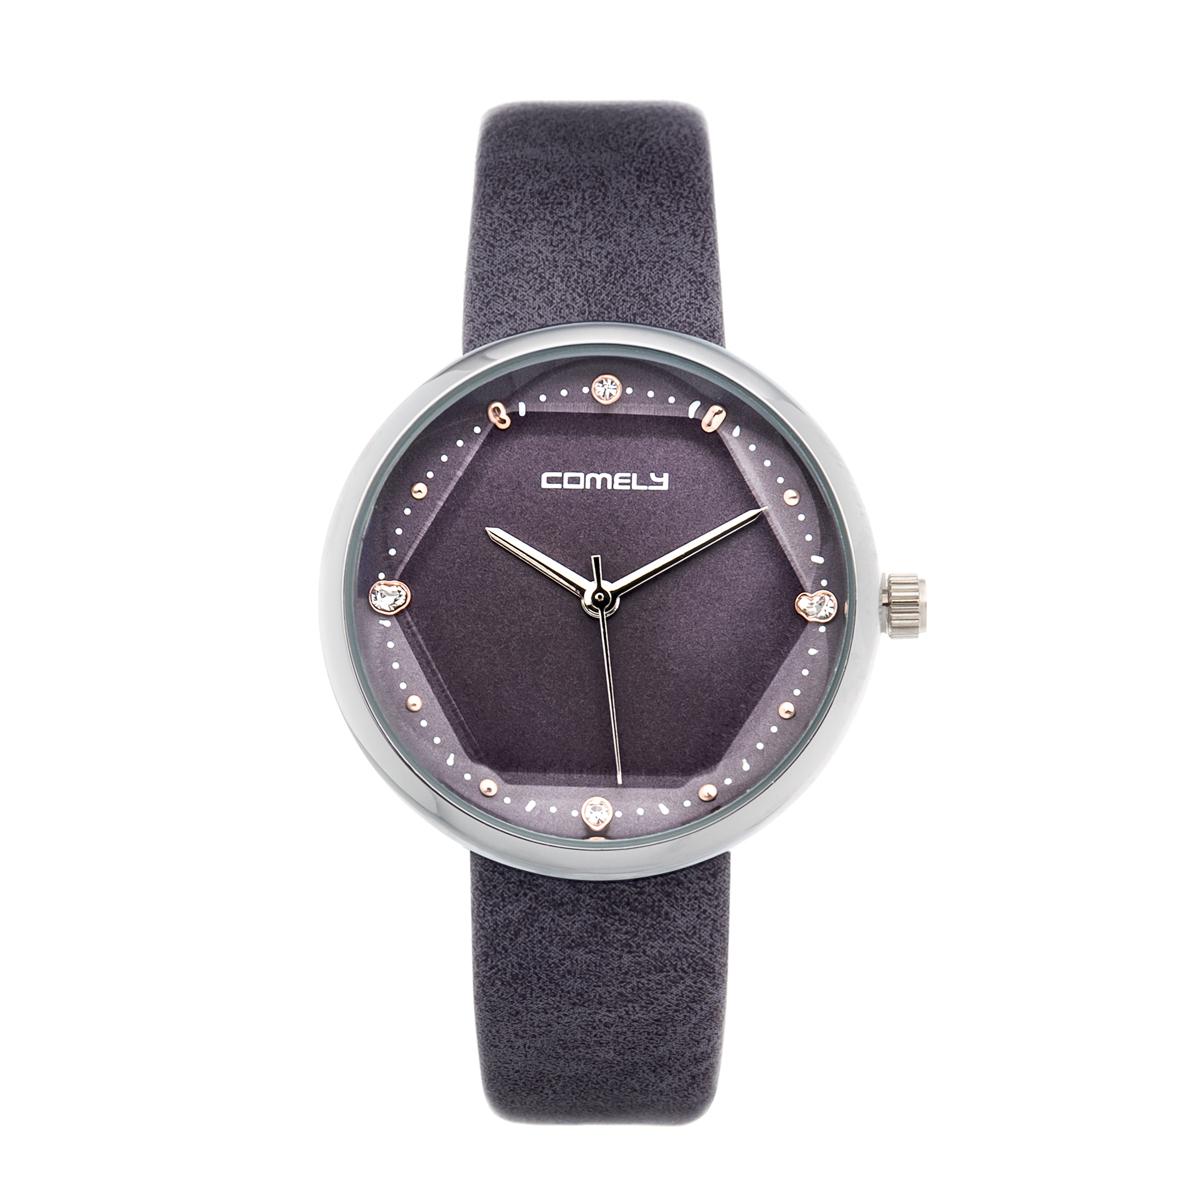 ساعت مچی زنانه کاملی کد W1066 3